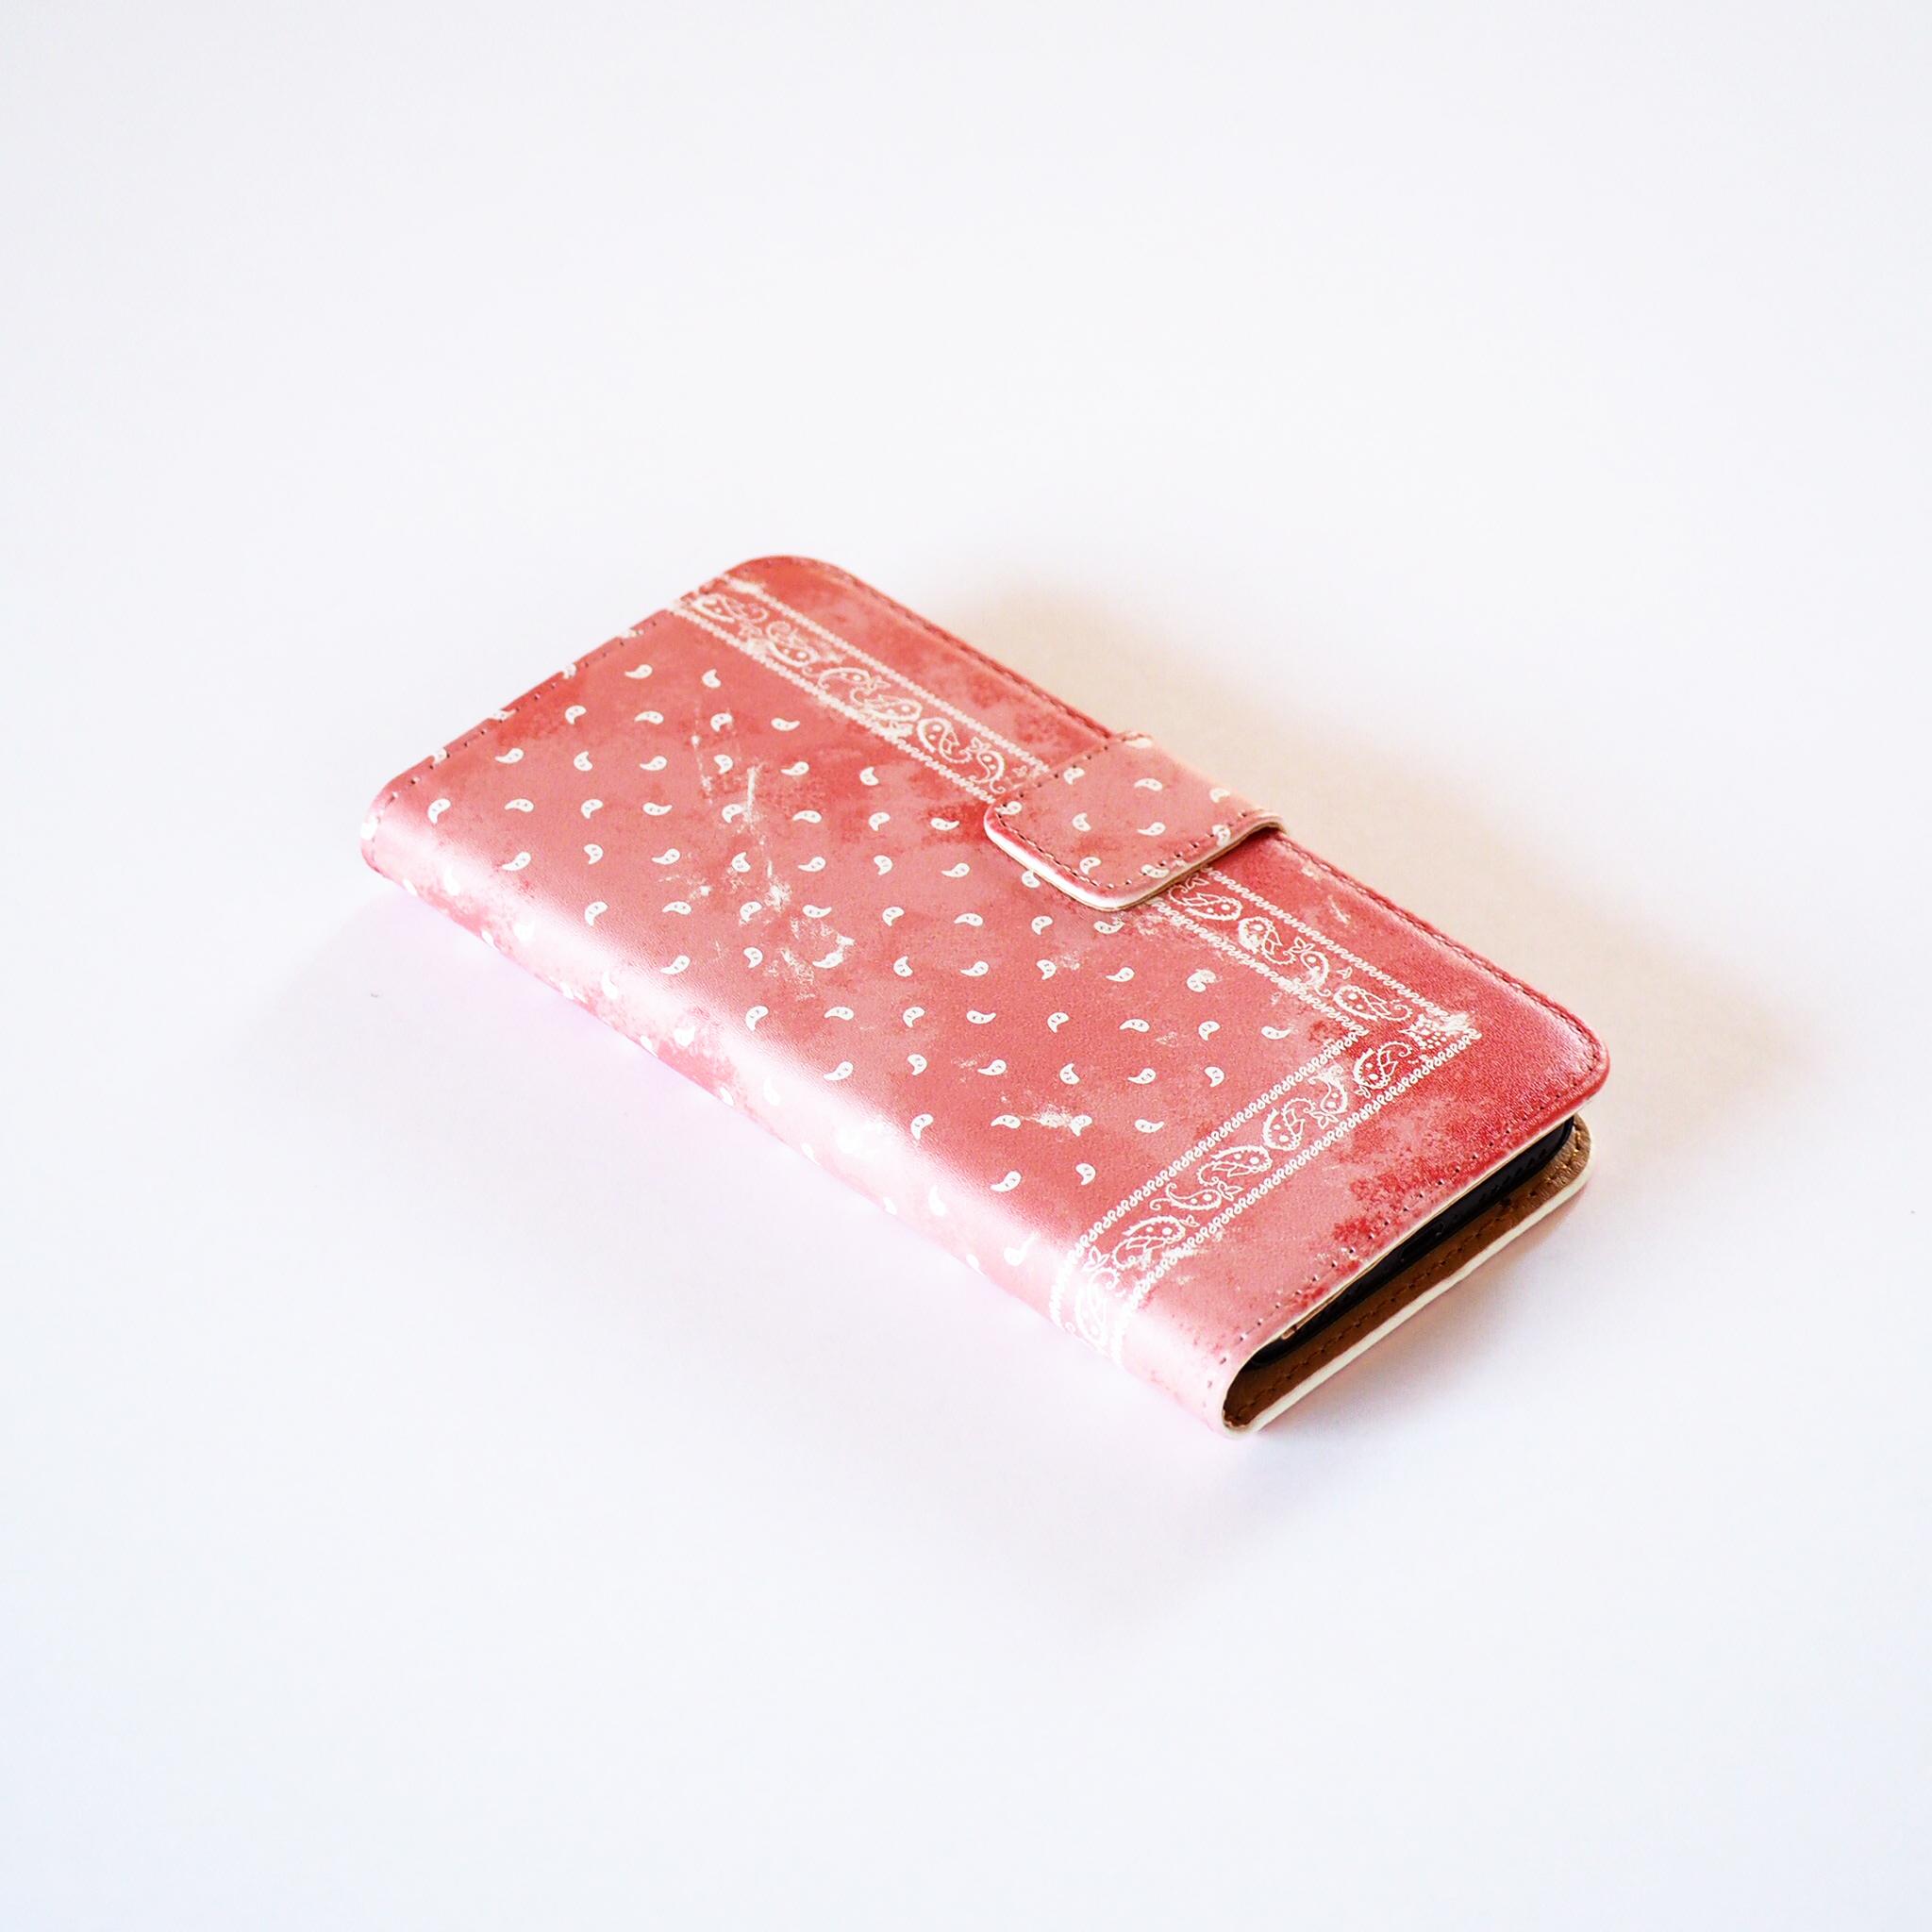 ピンクペイズリー 手帳型スマホケース